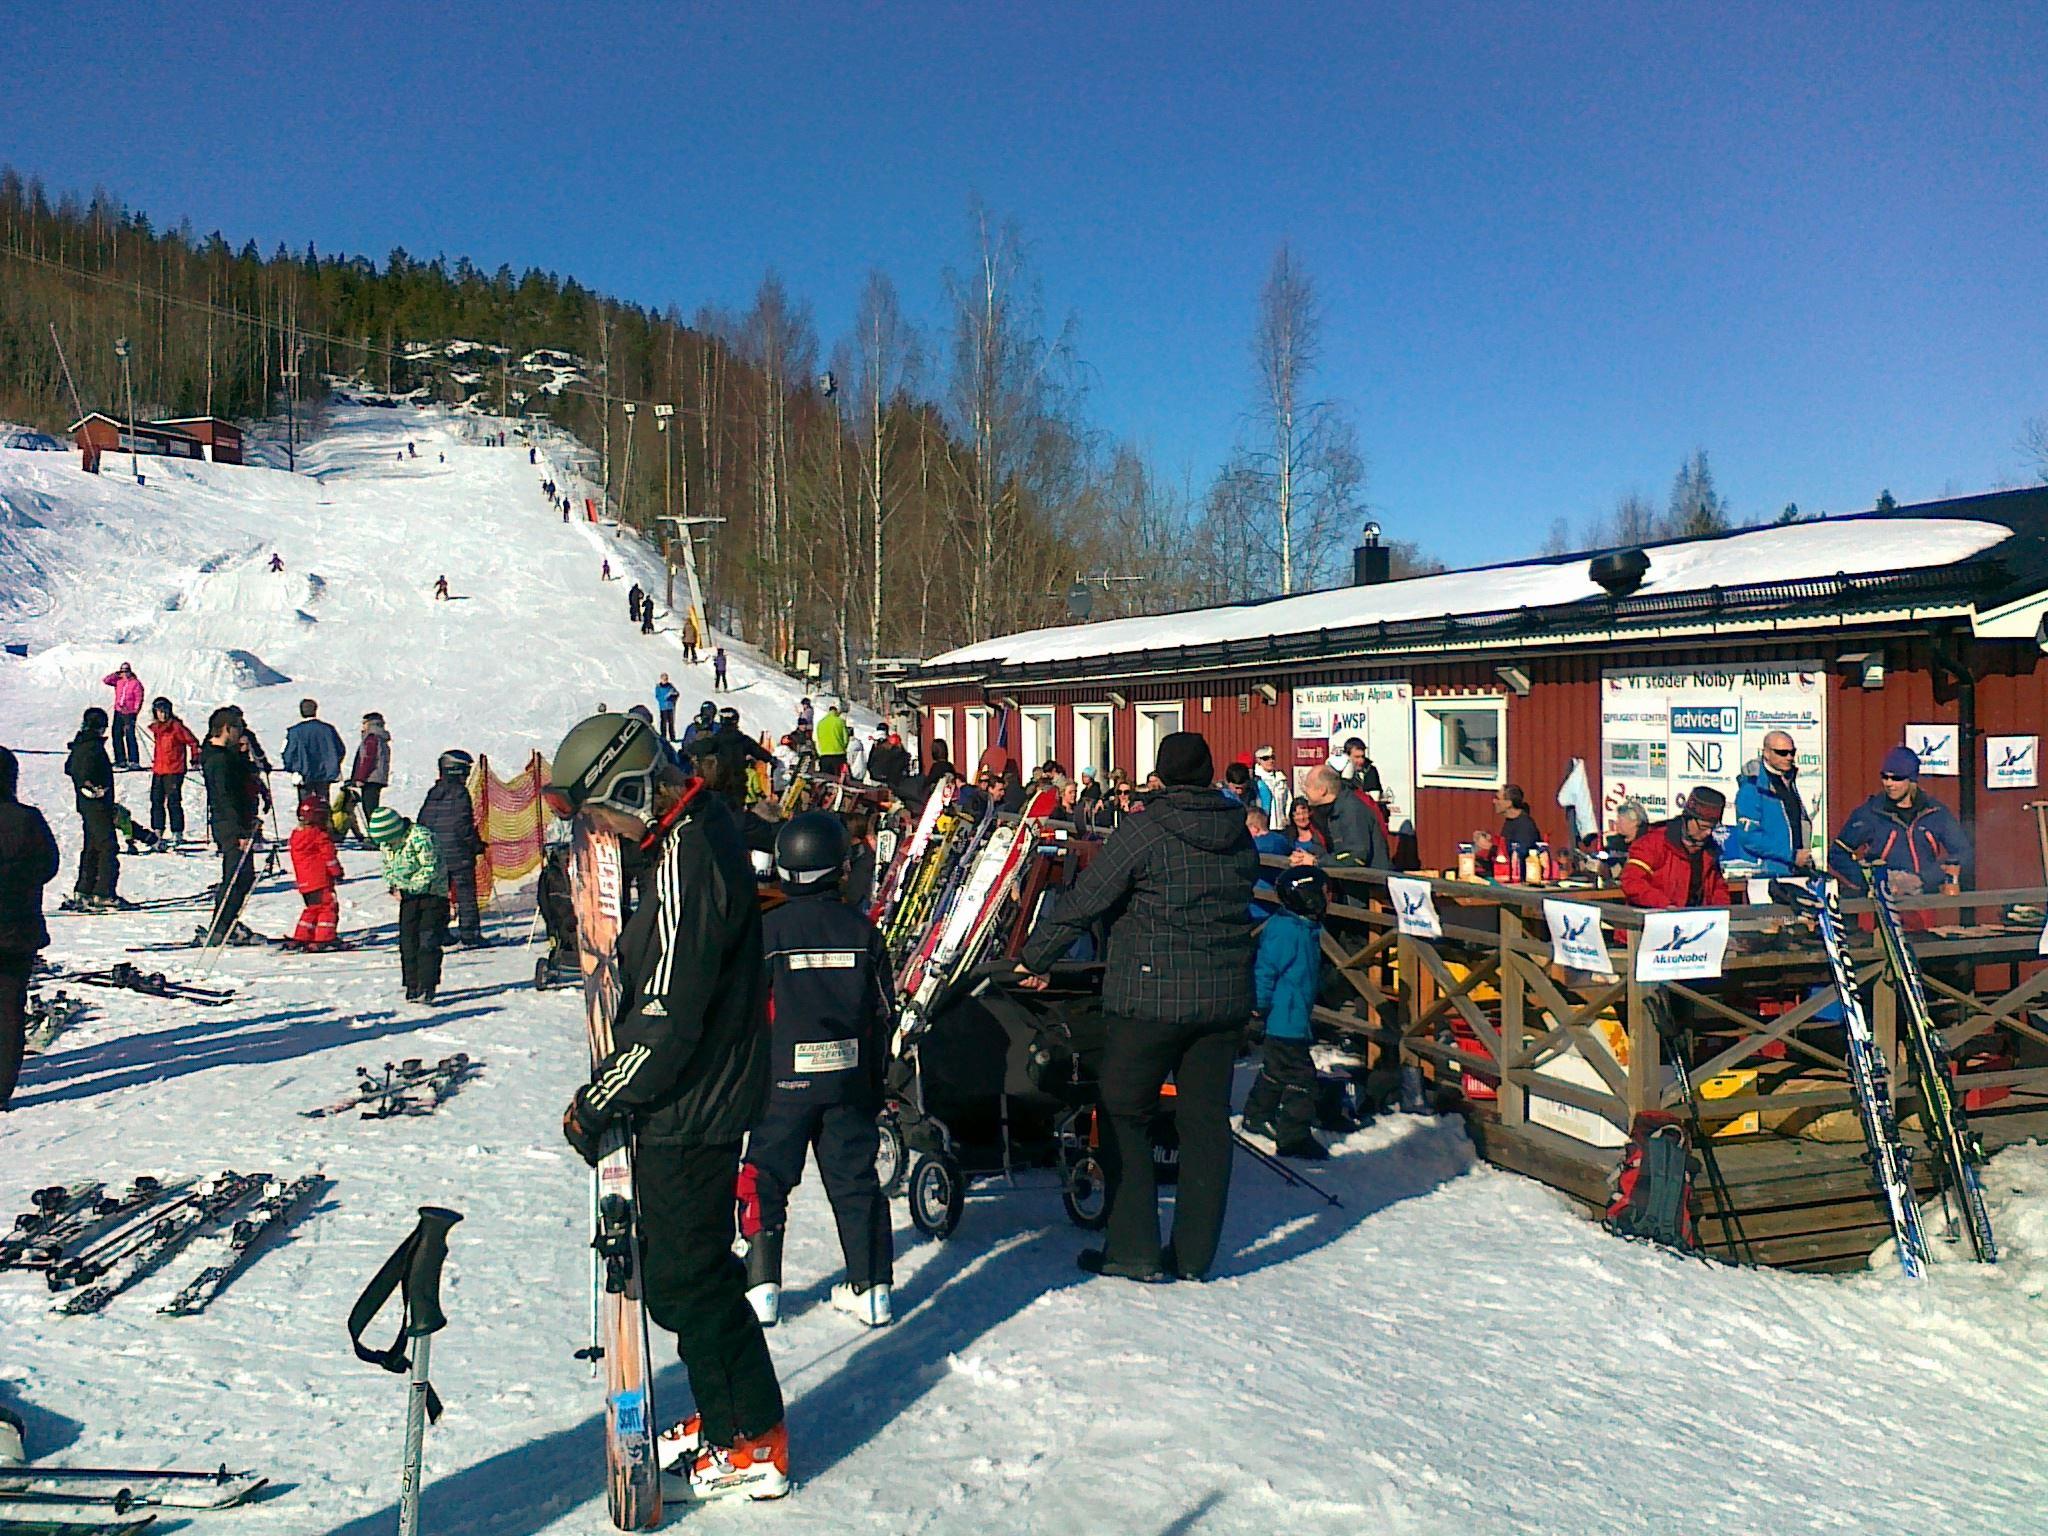 Skipass Nolbybacken